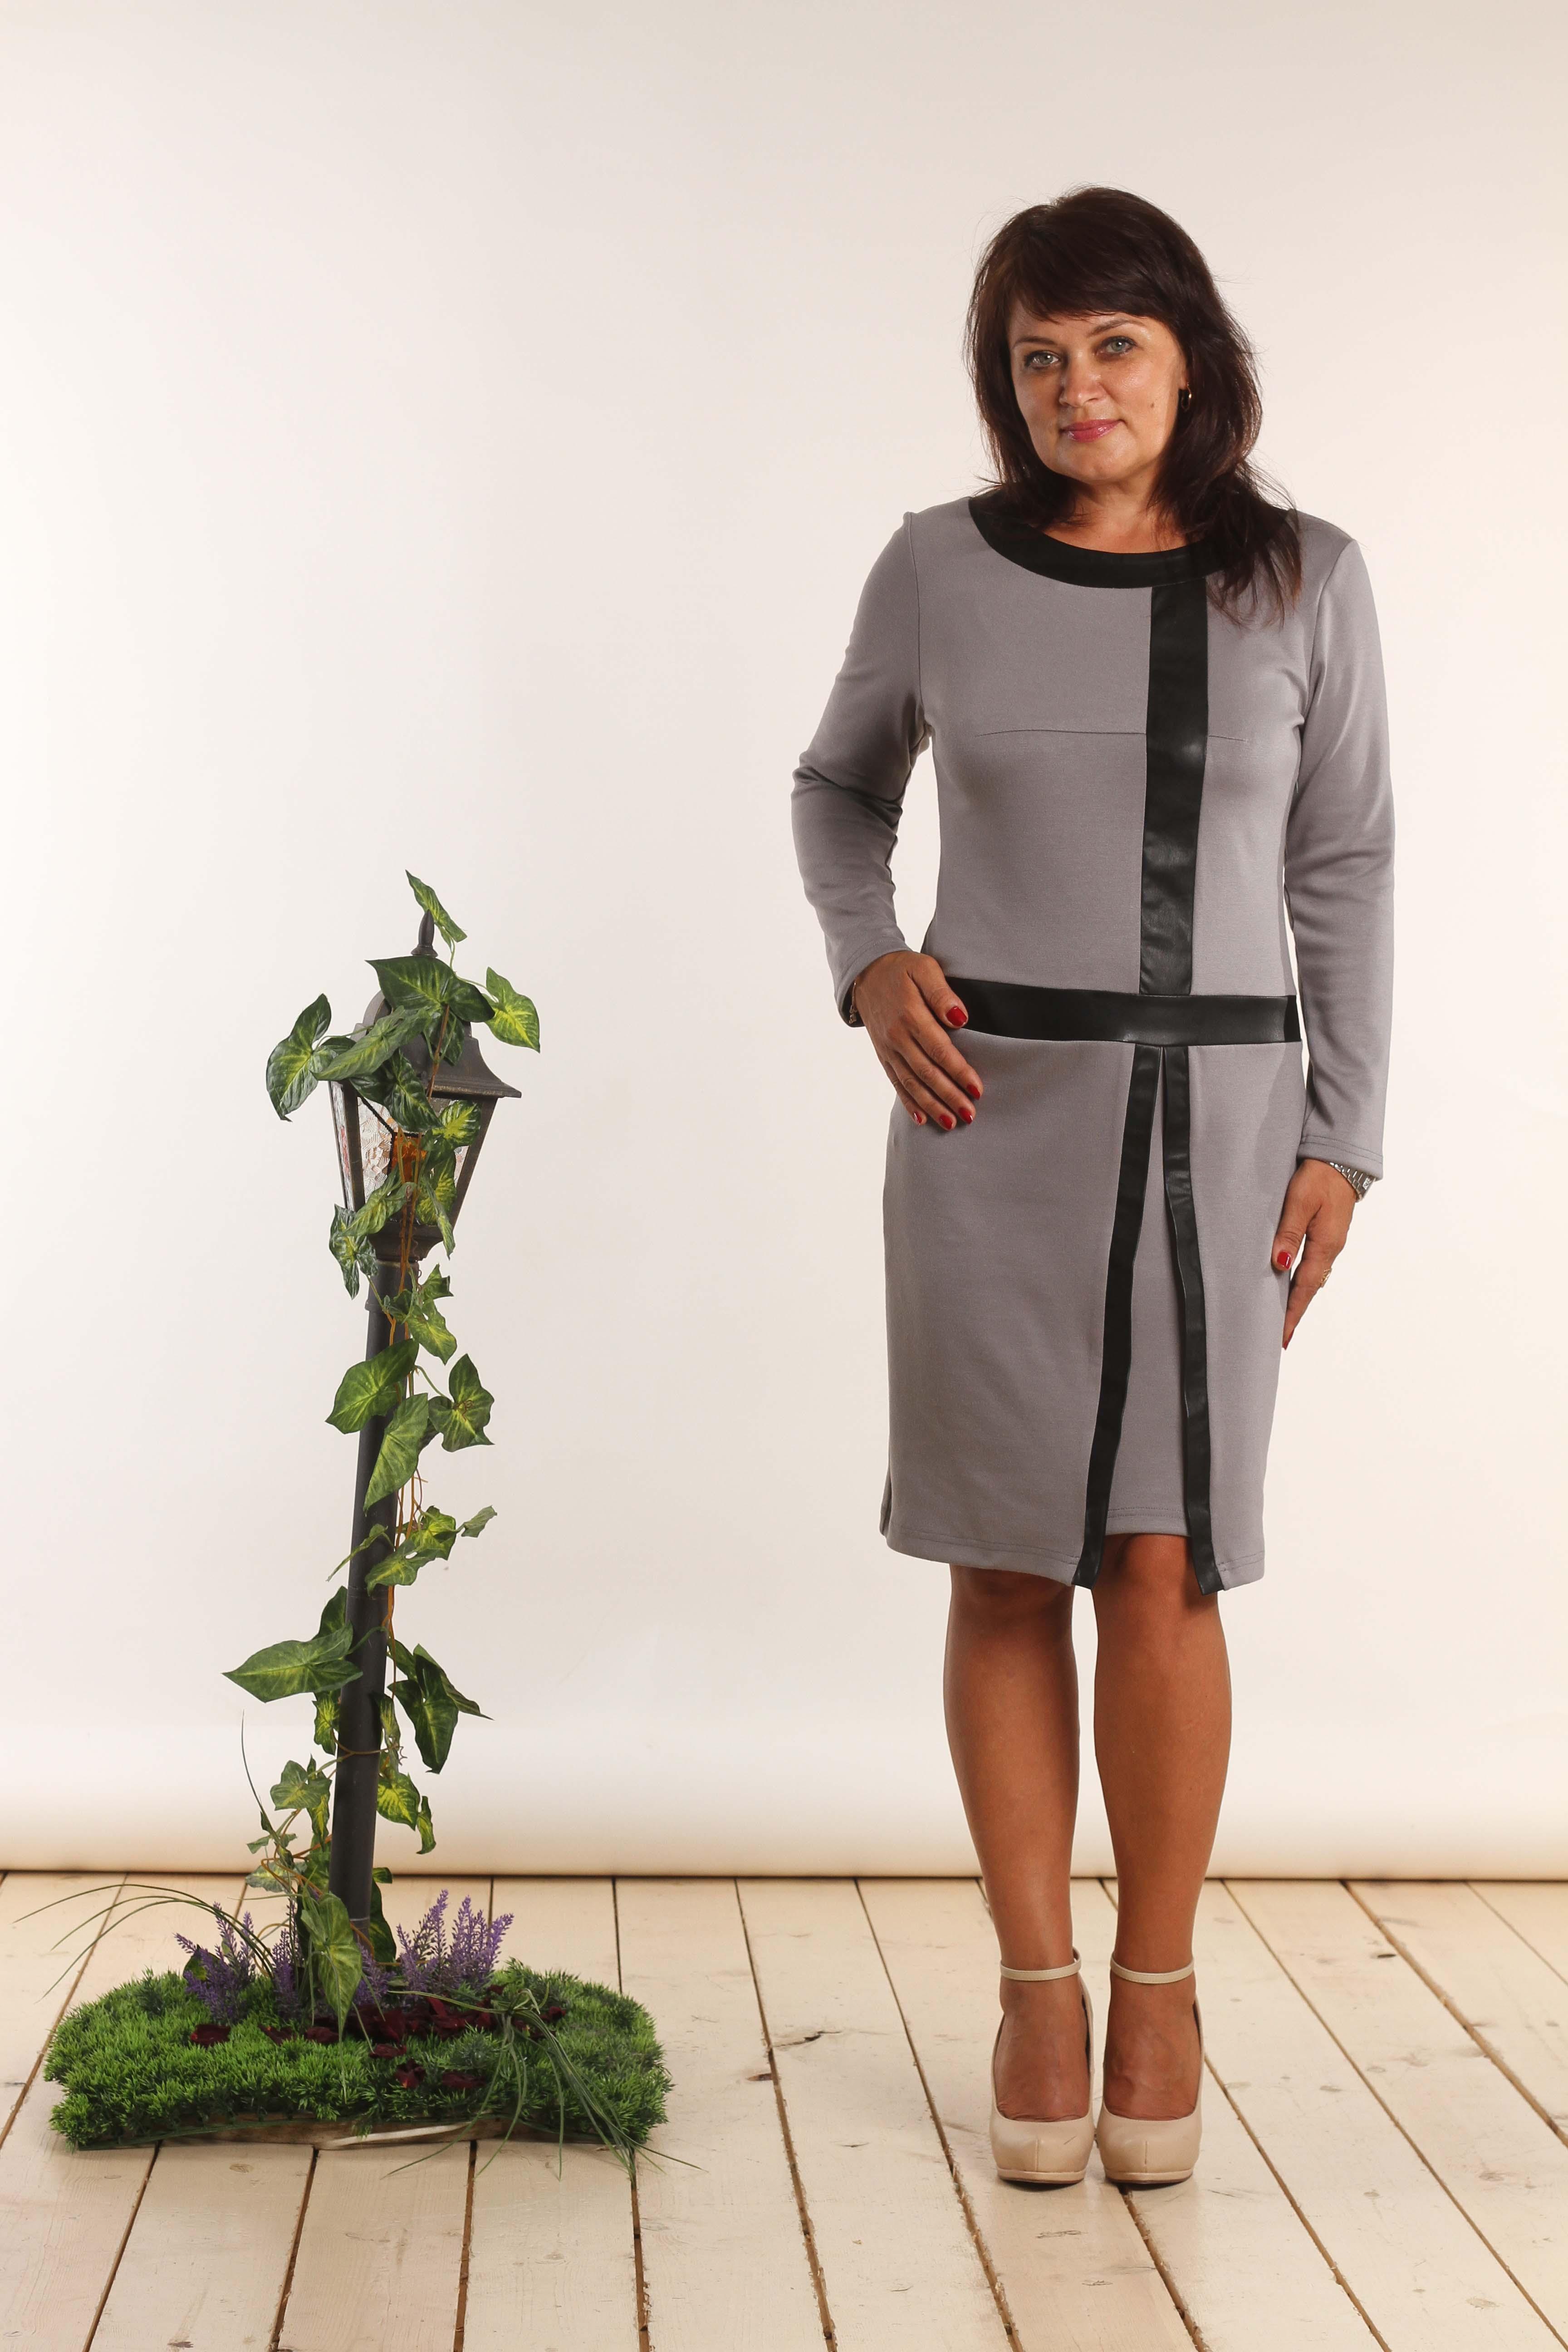 ПлатьеПлатья<br>Прекрасное женское платье с круглой горловиной и длинными рукавами. Модель выполнена из приятного трикотажа с отделкой из экокожи. Отличный выбор для повседневного гардероба.  В изделии использованы цвета: серый, черный  Длина изделия: 46 размер - 93 см 48 размер - 94 см 50 размер - 95 см 52 размер - 96 см 54 размер - 97 см 56 размер - 98 см  Длина рукава 57,5 см   Рост девушки-фотомодели 164 см<br><br>Горловина: С- горловина<br>По длине: До колена<br>По материалу: Вискоза,Трикотаж<br>По образу: Город<br>По рисунку: Цветные<br>По сезону: Зима,Осень,Весна<br>По стилю: Повседневный стиль<br>По форме: Платье - футляр<br>По элементам: С декором,С кожаными вставками<br>Рукав: Длинный рукав<br>По силуэту: Приталенные<br>Размер : 46,48,50,52,54,56<br>Материал: Джерси + Искусственная кожа<br>Количество в наличии: 6